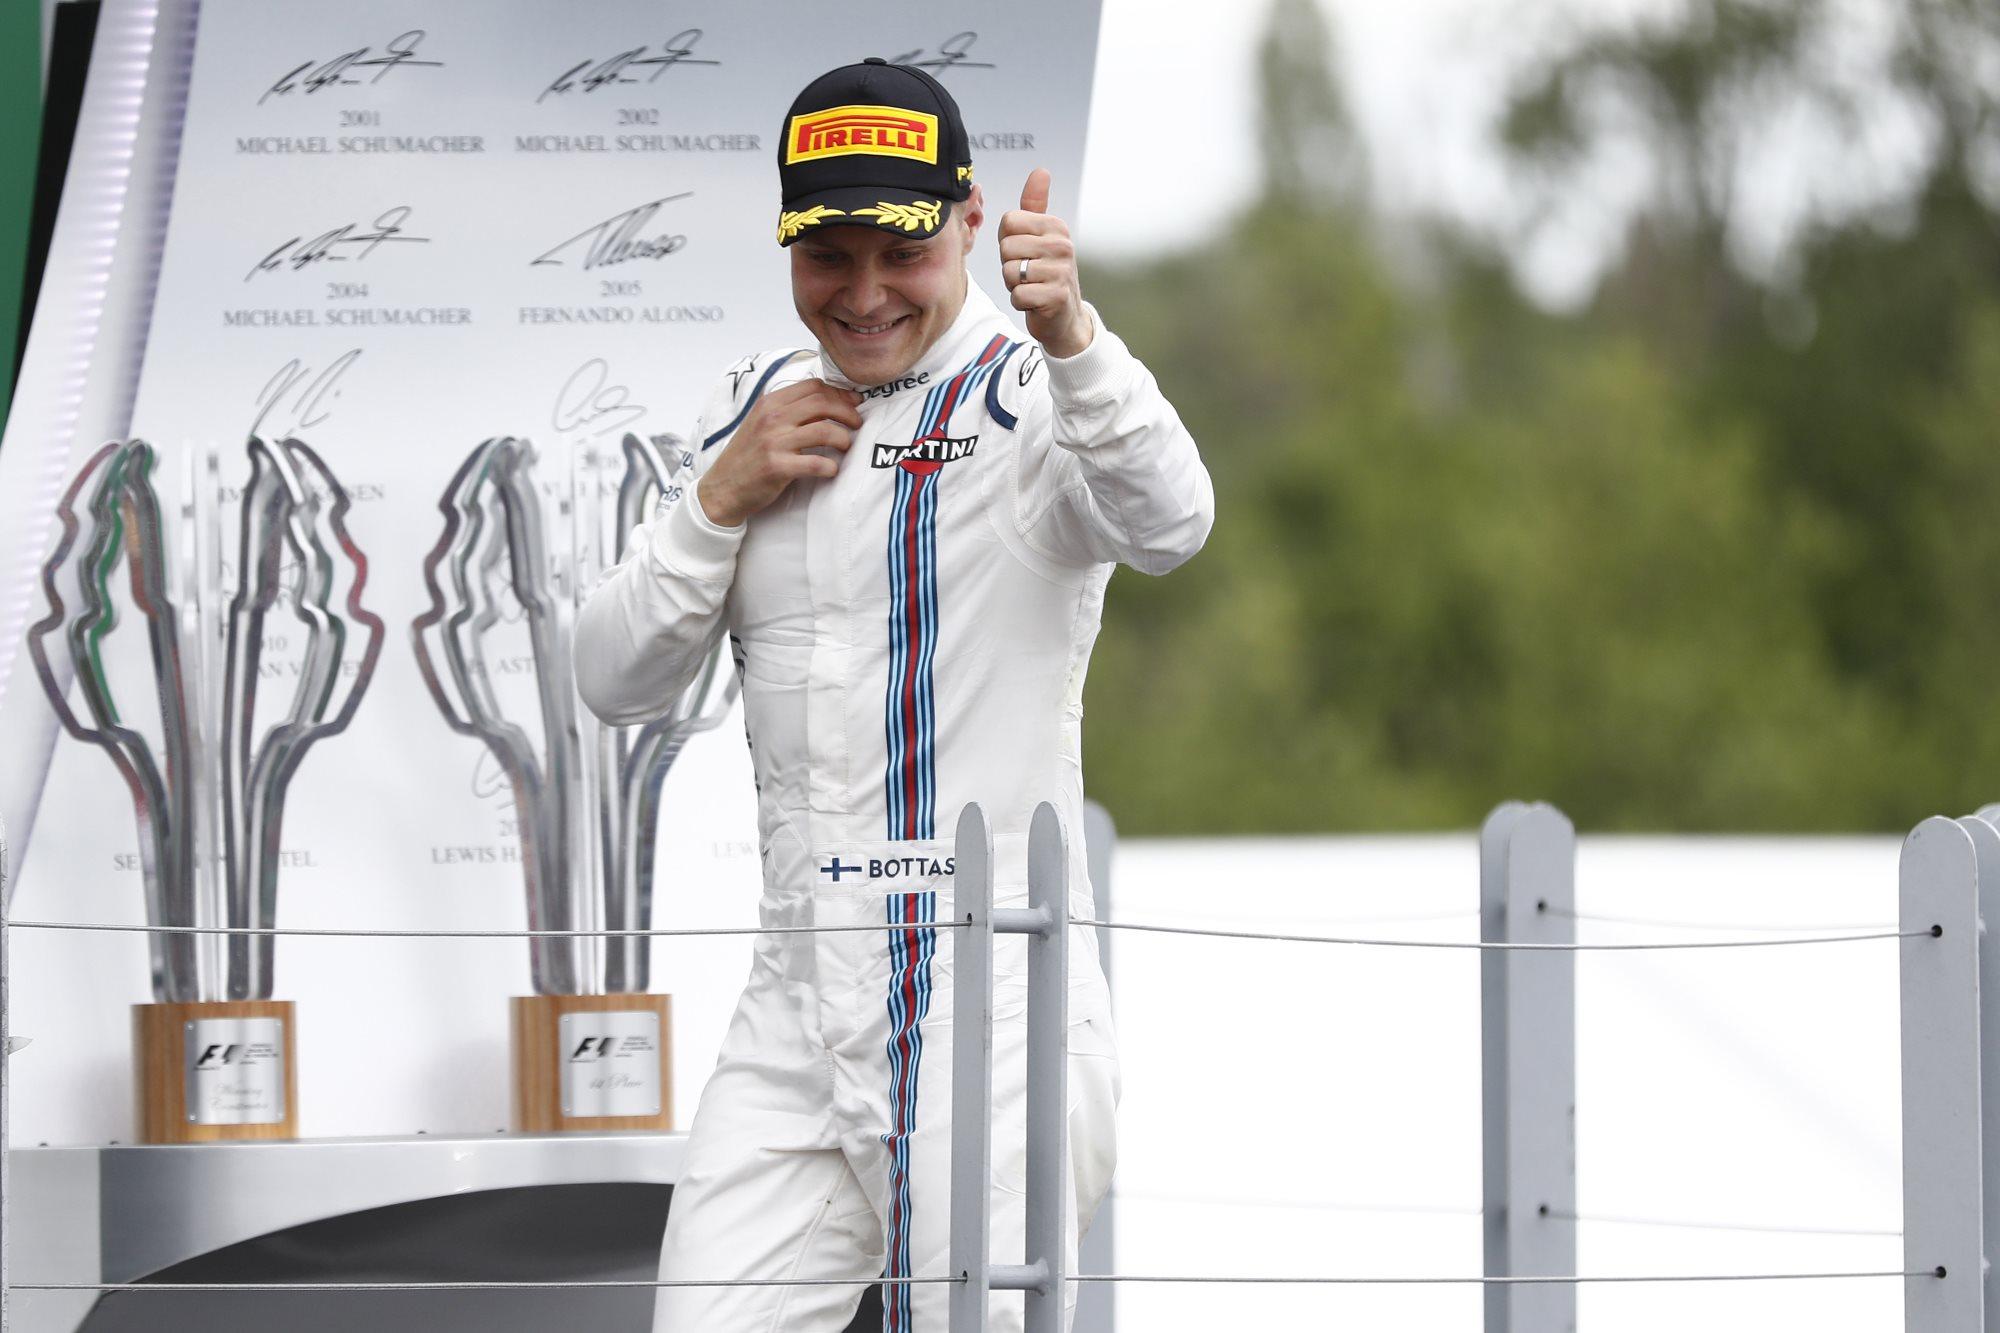 Valtteri Bottas Williams FW38 Mercedes Canada GP F1 2016 podium